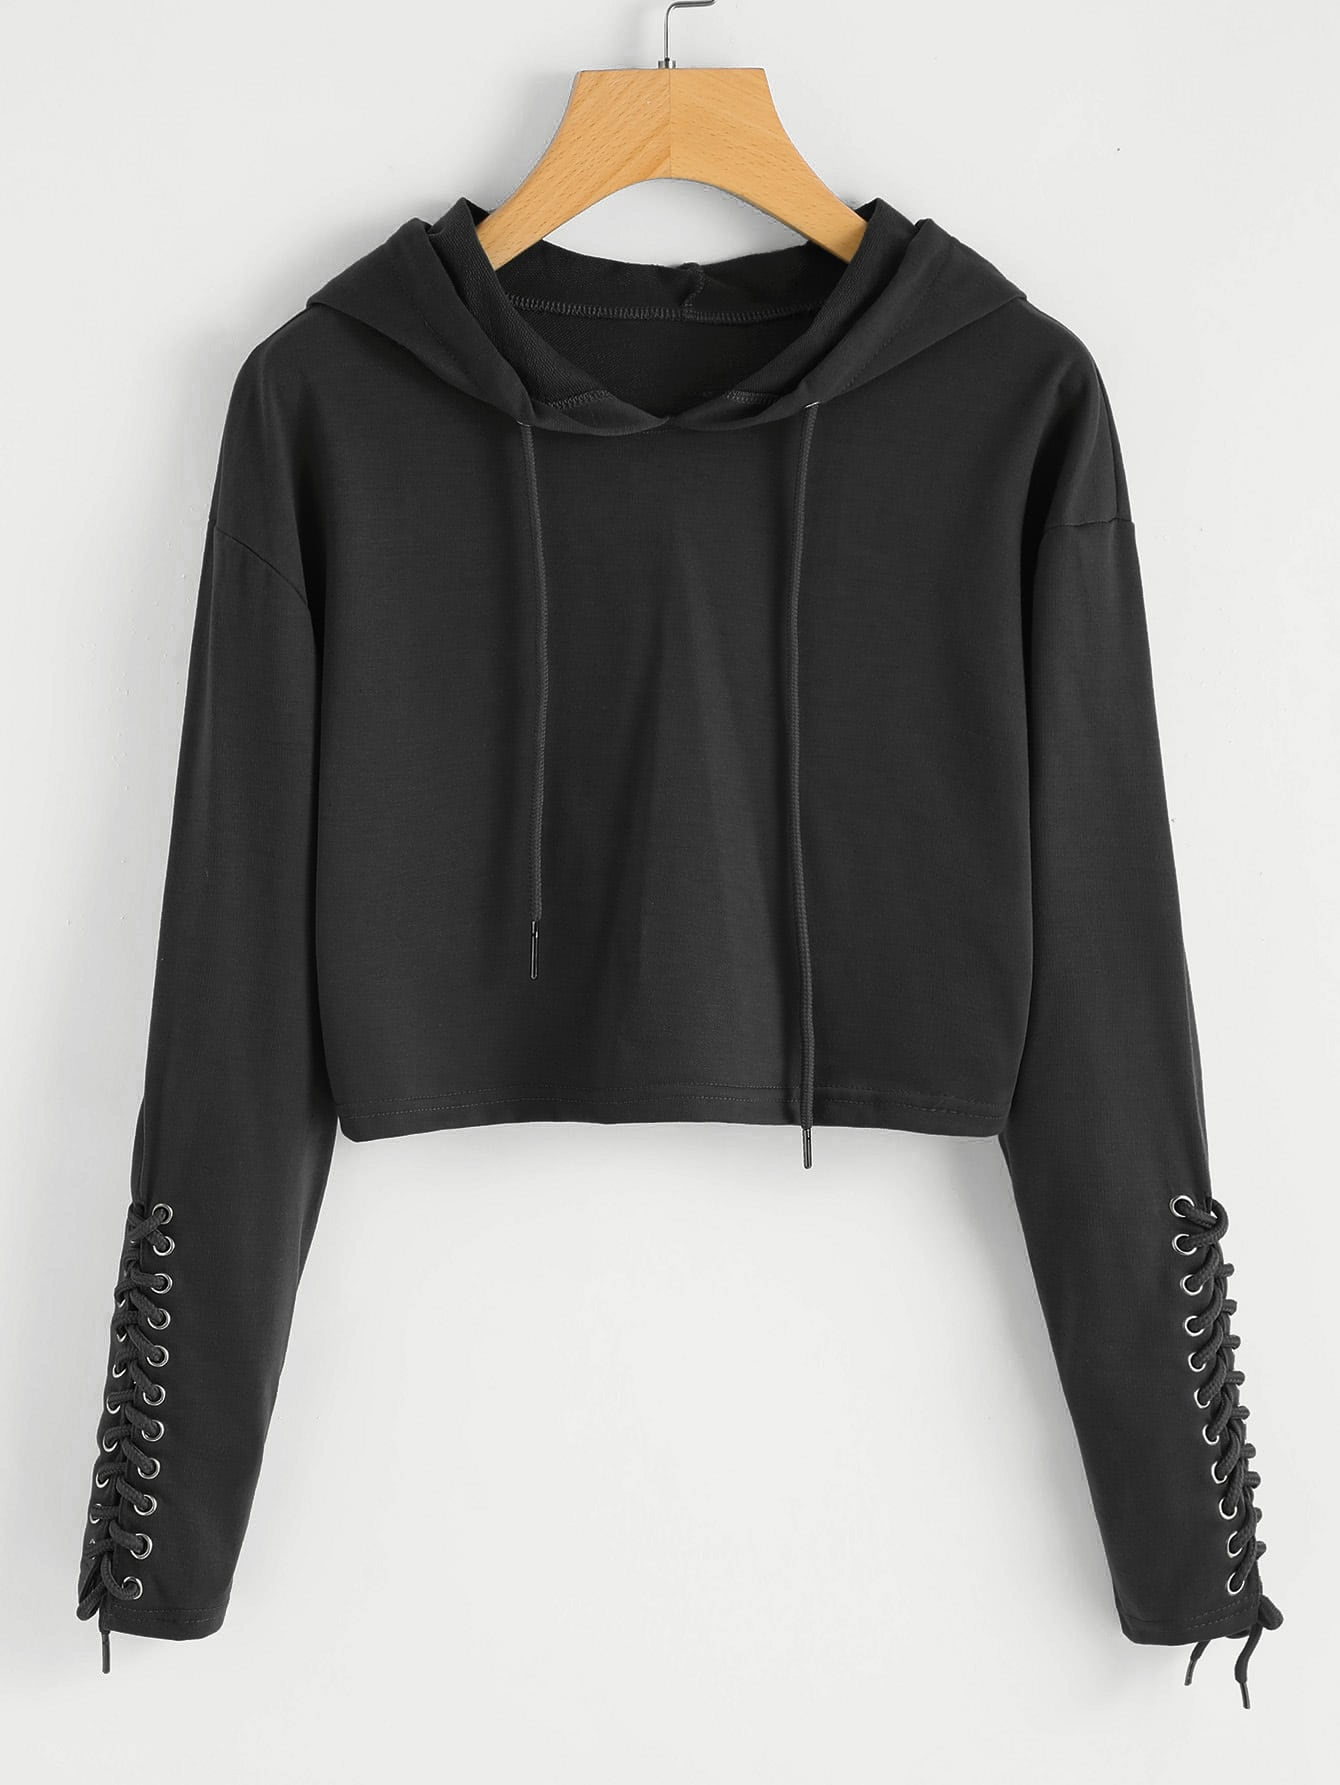 Grommet Lace Up Sleeve Crop Hoodie grommet lace up marled knit crop sweatshirt